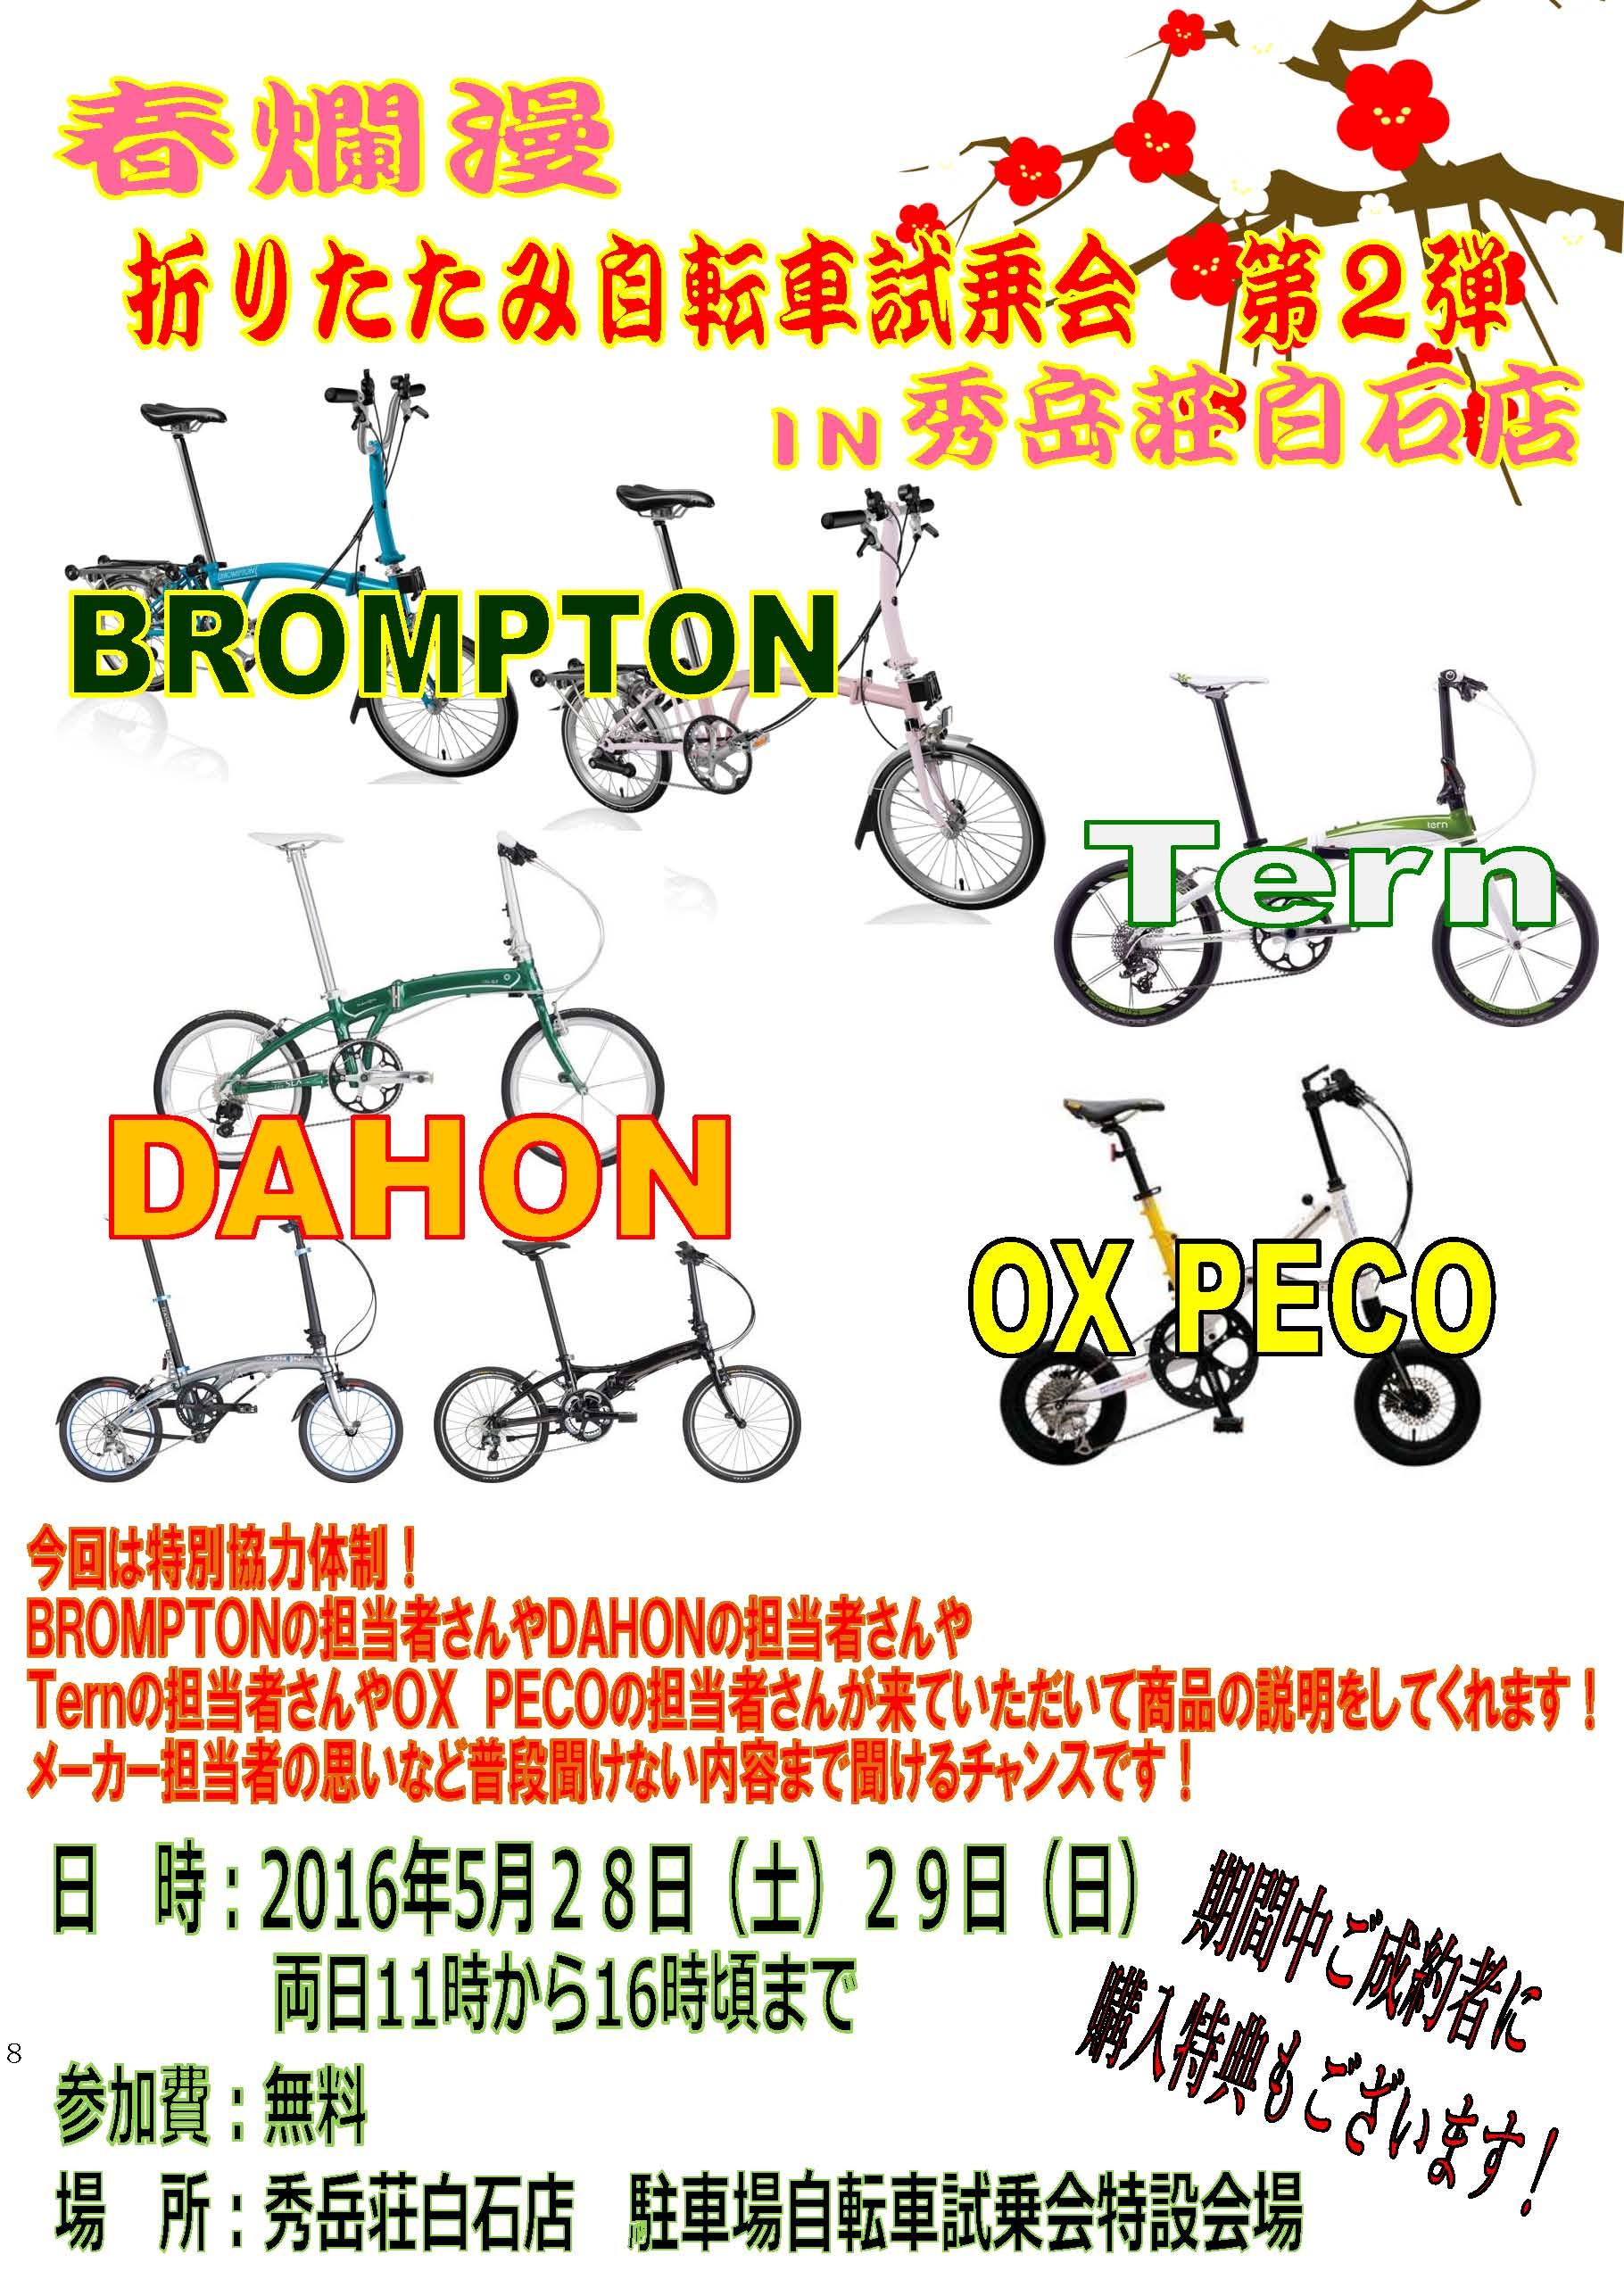 春の折り畳み自転車試乗会 第2弾!!_d0197762_162153.jpg